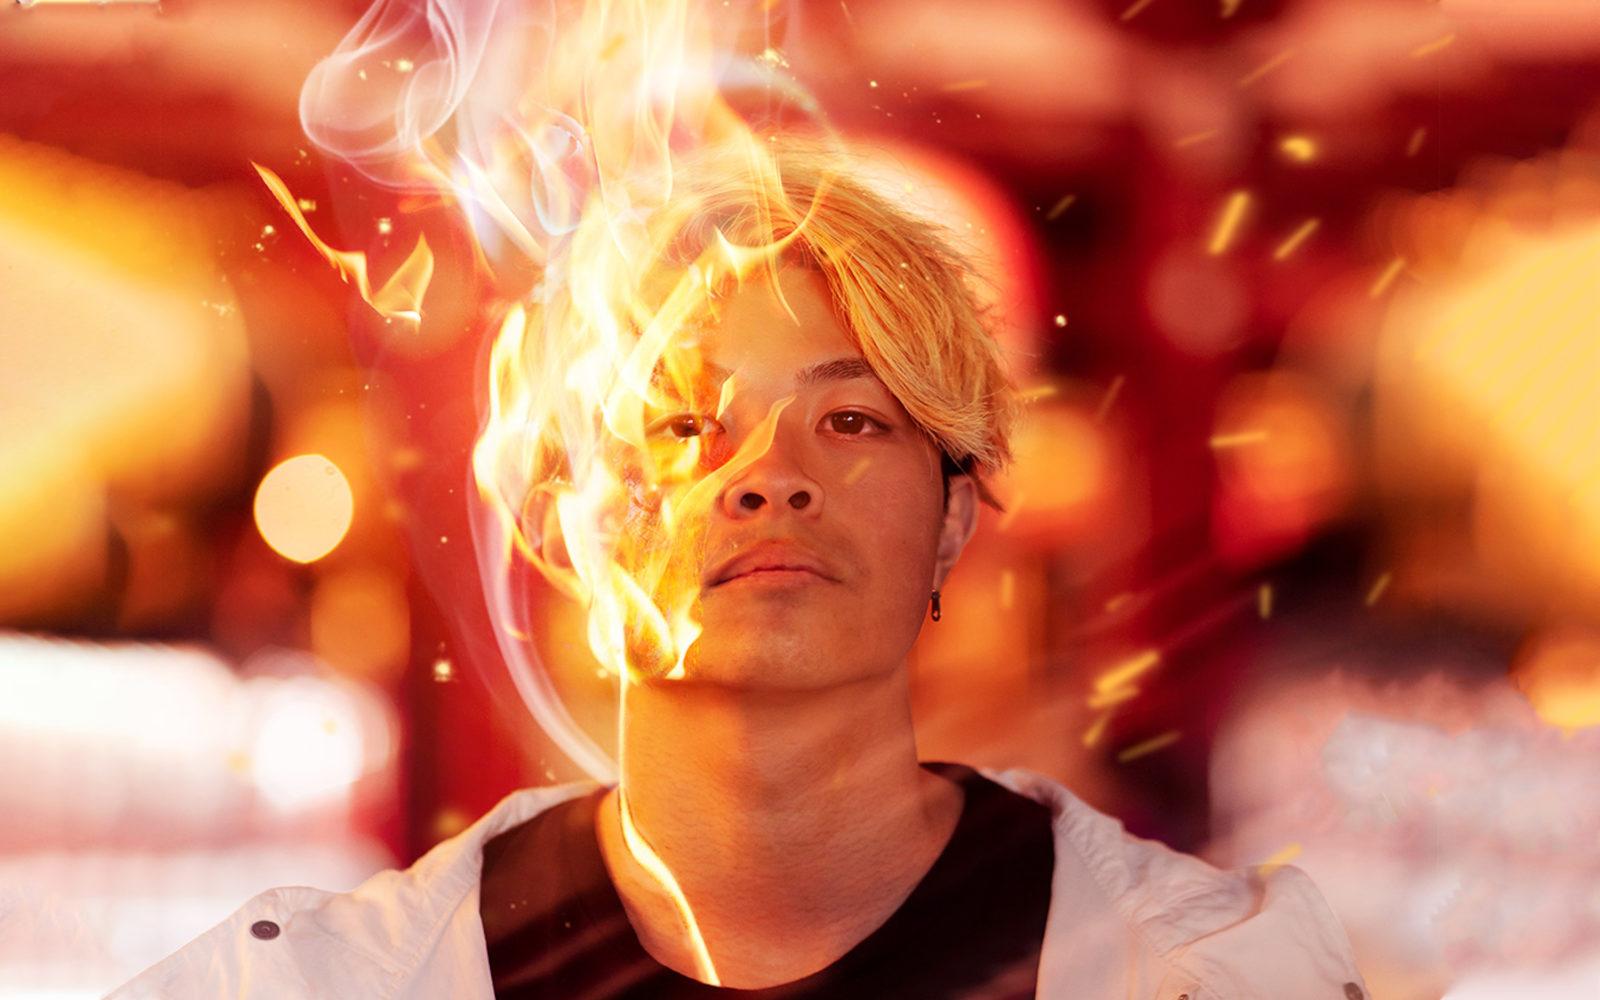 東郷知典、自身初となるファーストシングルリリースサムネイル画像